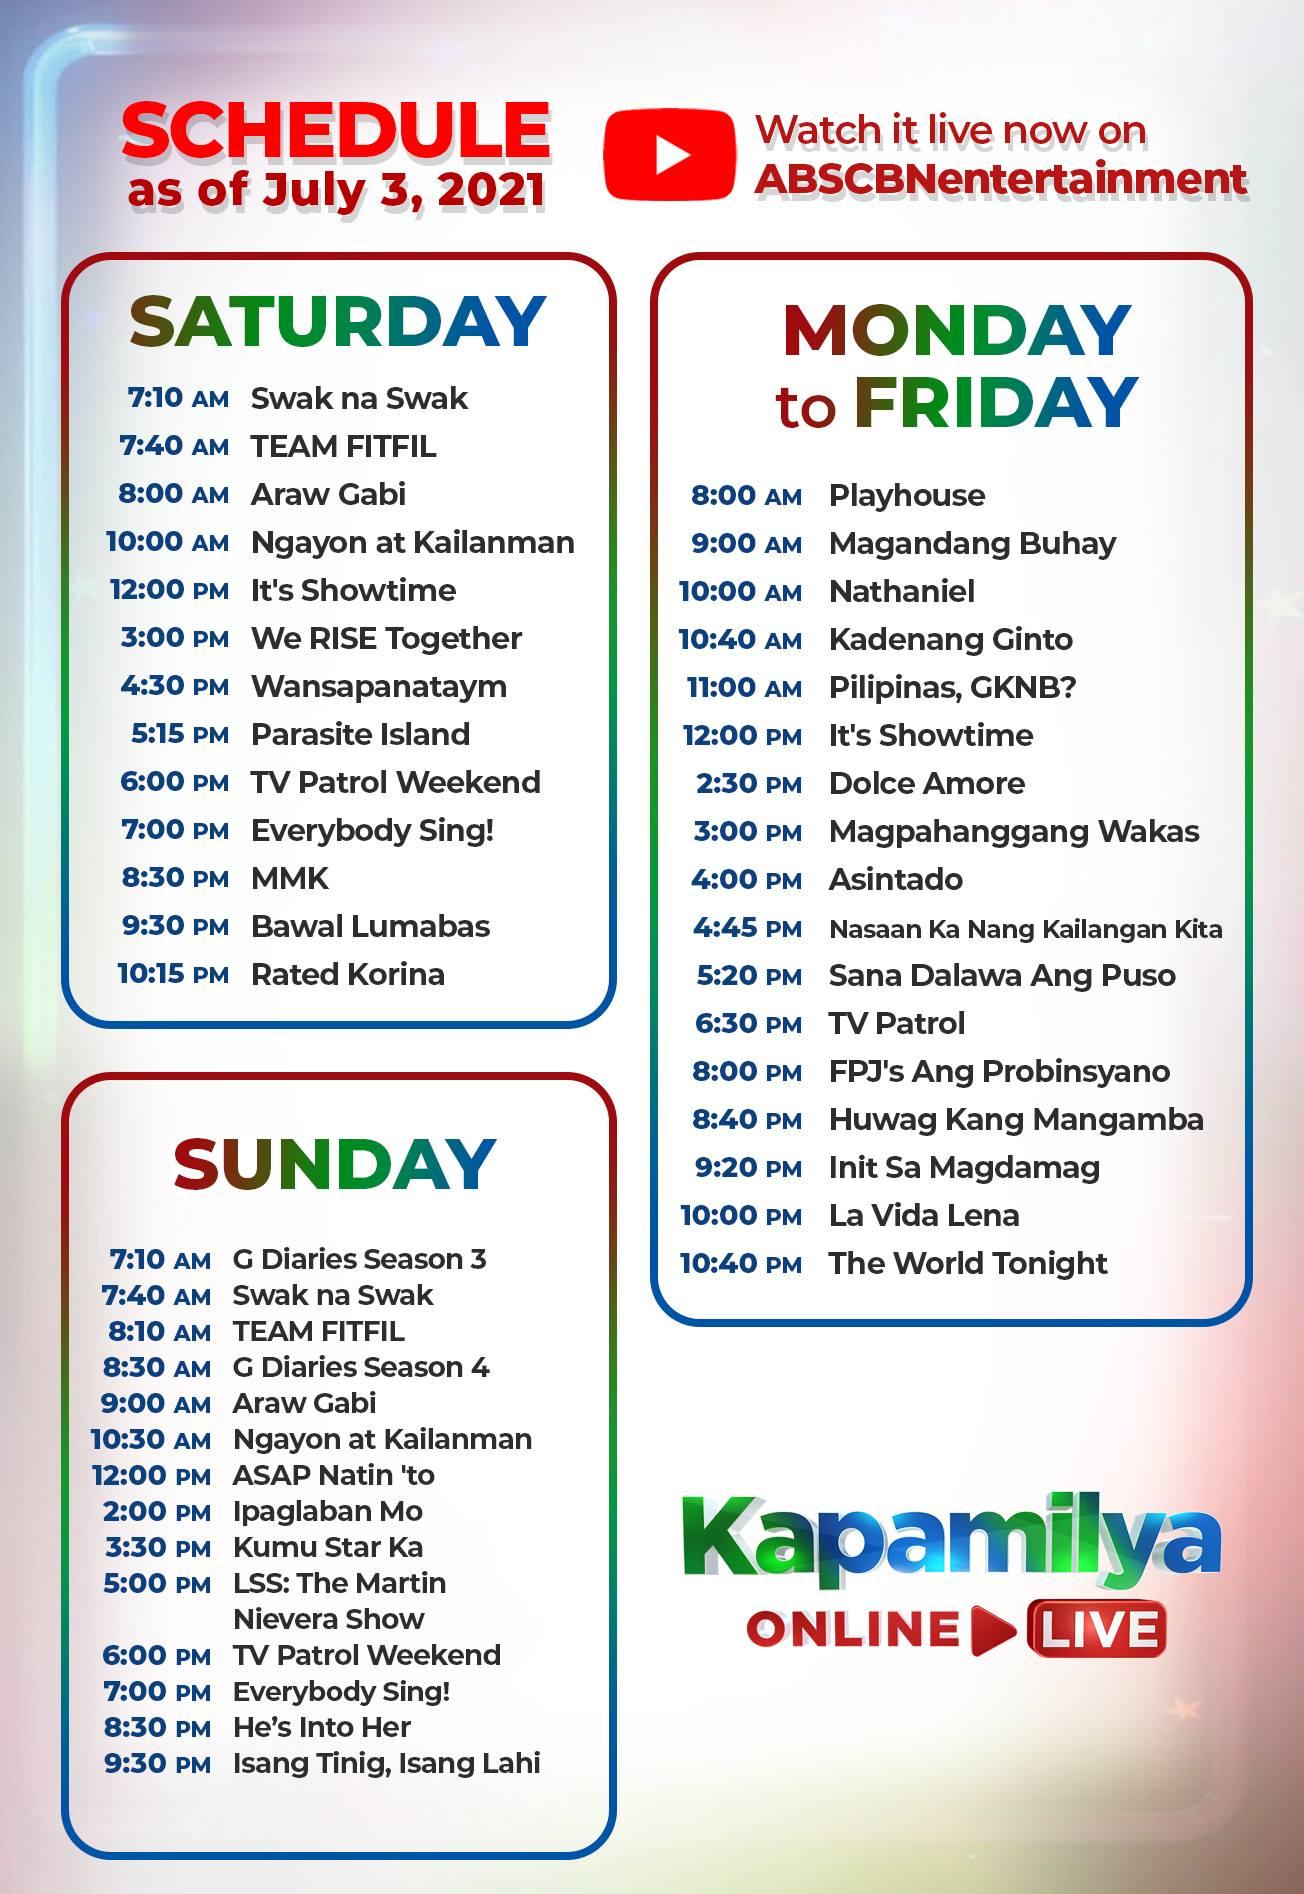 Kapamilya Online Live 1